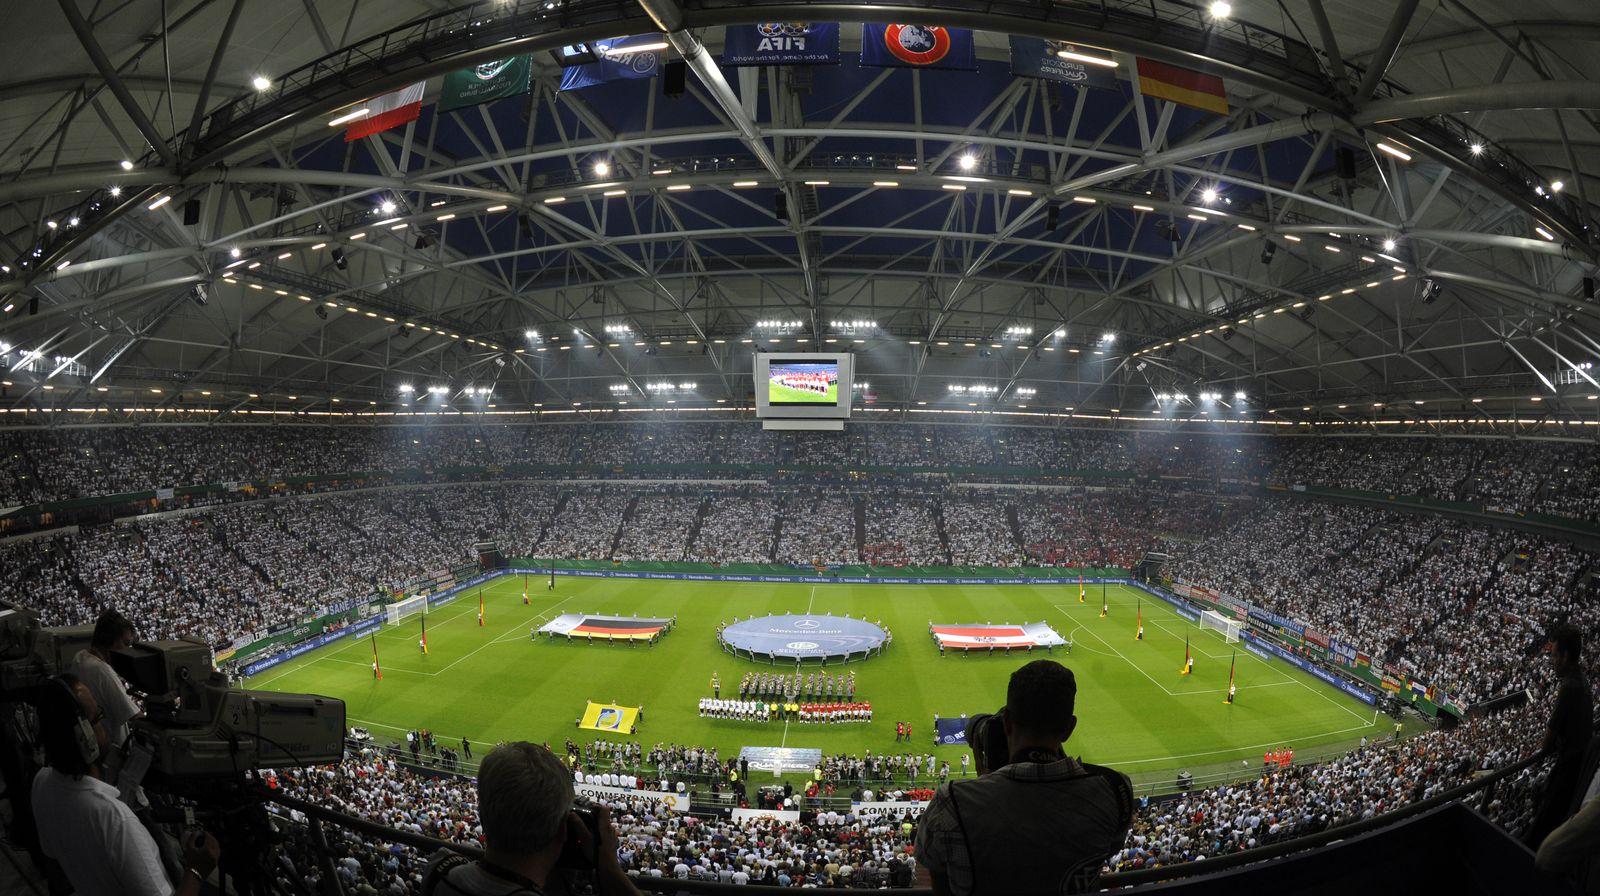 Stadion Schalke / Länderspiel